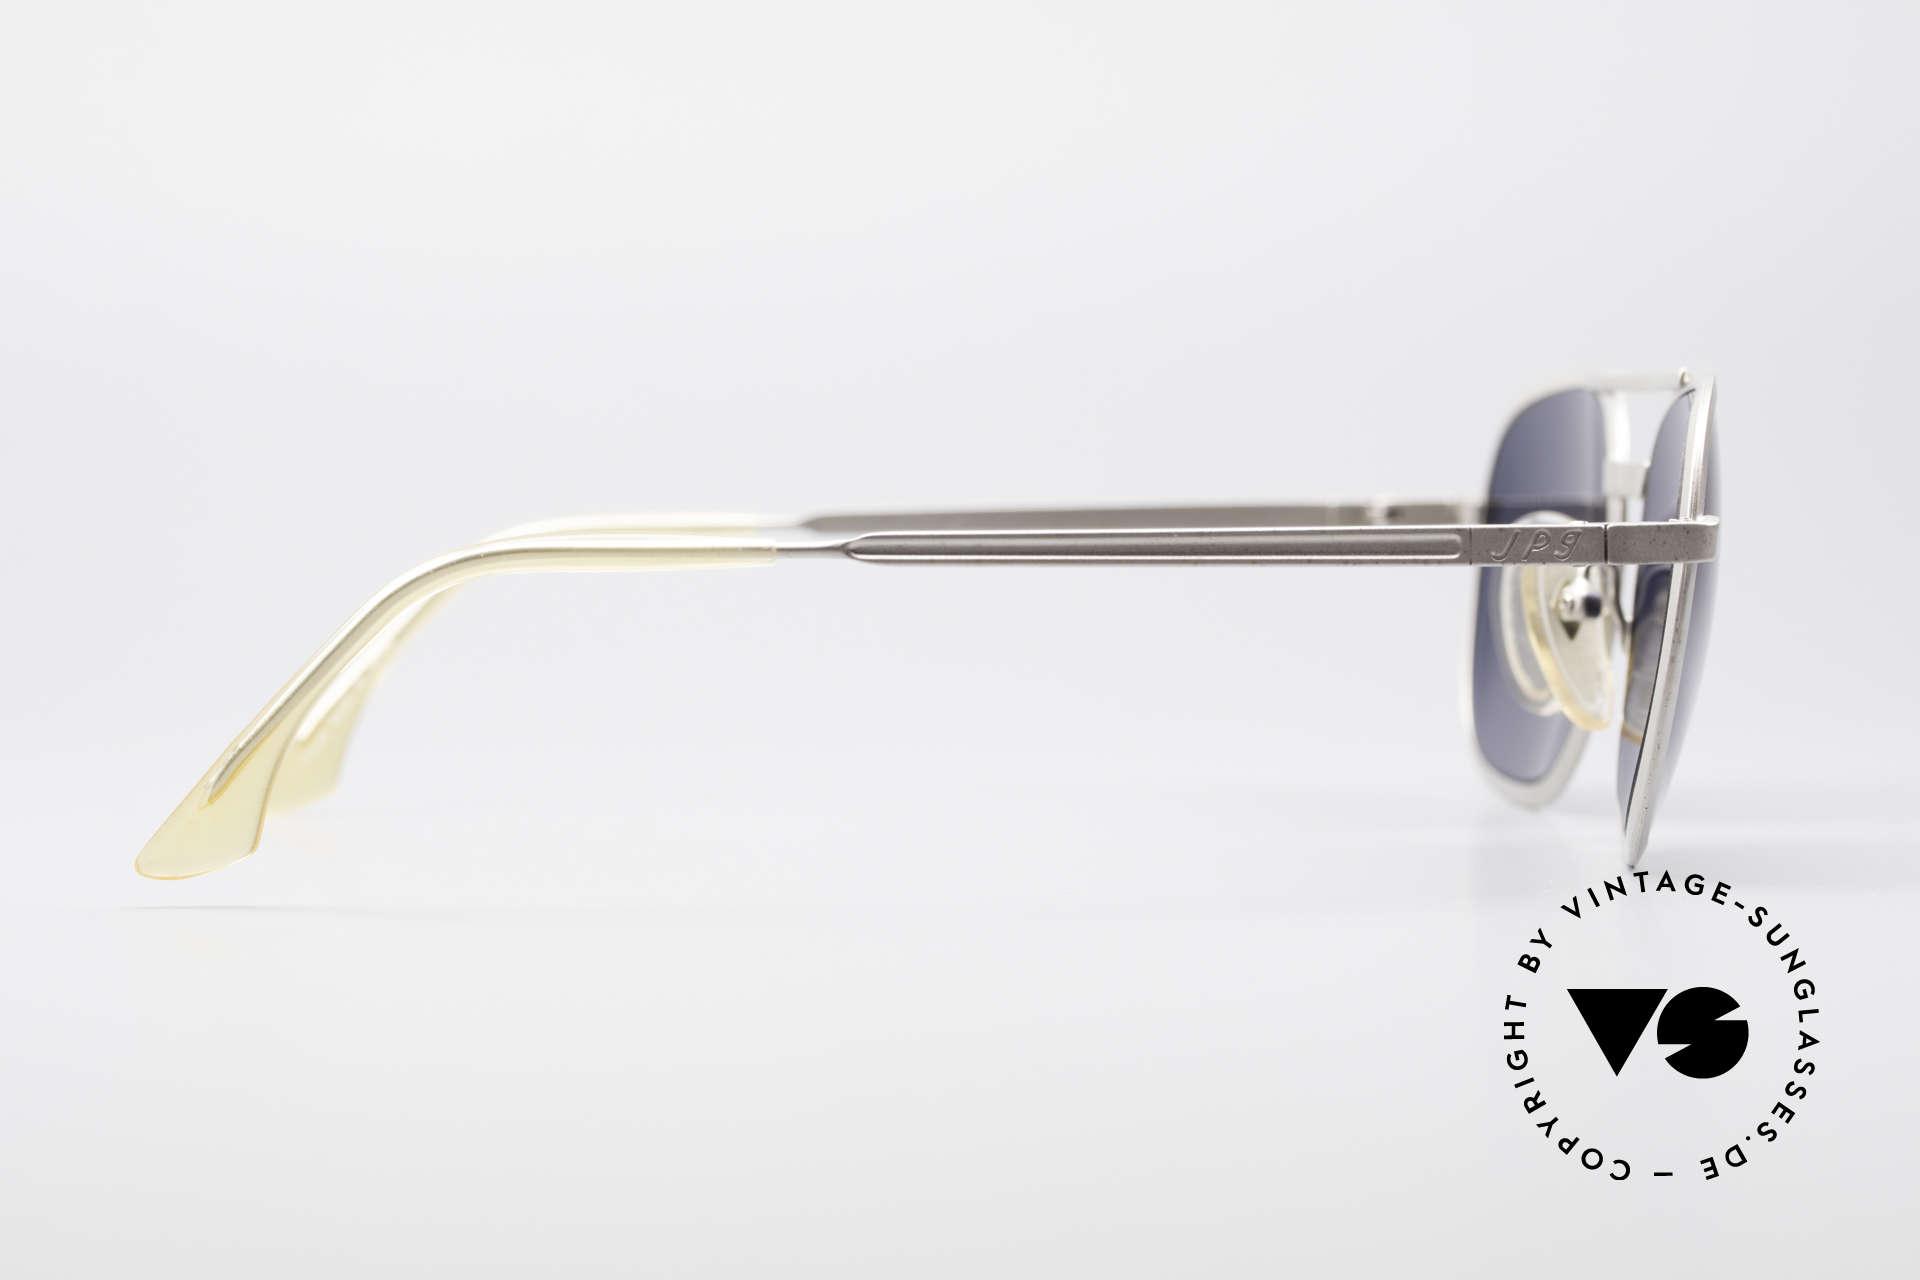 Jean Paul Gaultier 56-1172 Klassische 90er Sonnenbrille, KEINE Retromode; eine Rarität aus den frühen 90ern!, Passend für Herren